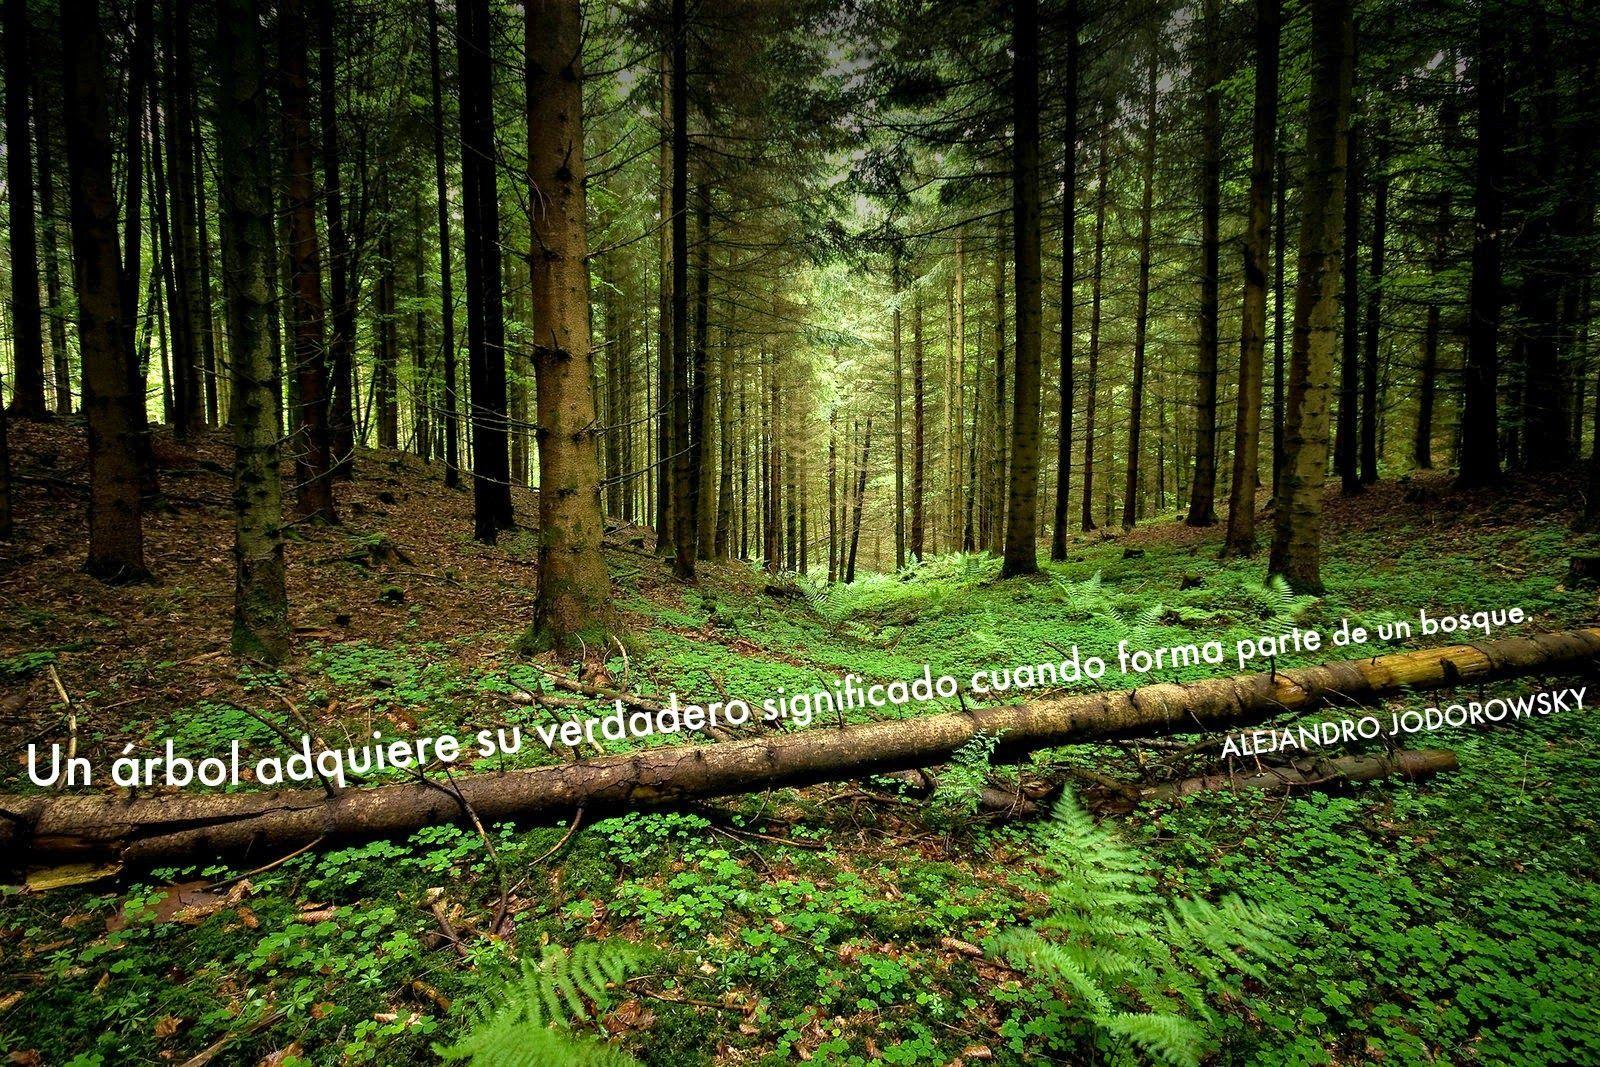 ... Un árbol adquiere su verdadero significado cuando forma parte de un bosque. Alejandro Jodorowsky. http://nubesdedosisdiarias.blogspot.com.es/2014/05/somos-bosque.html